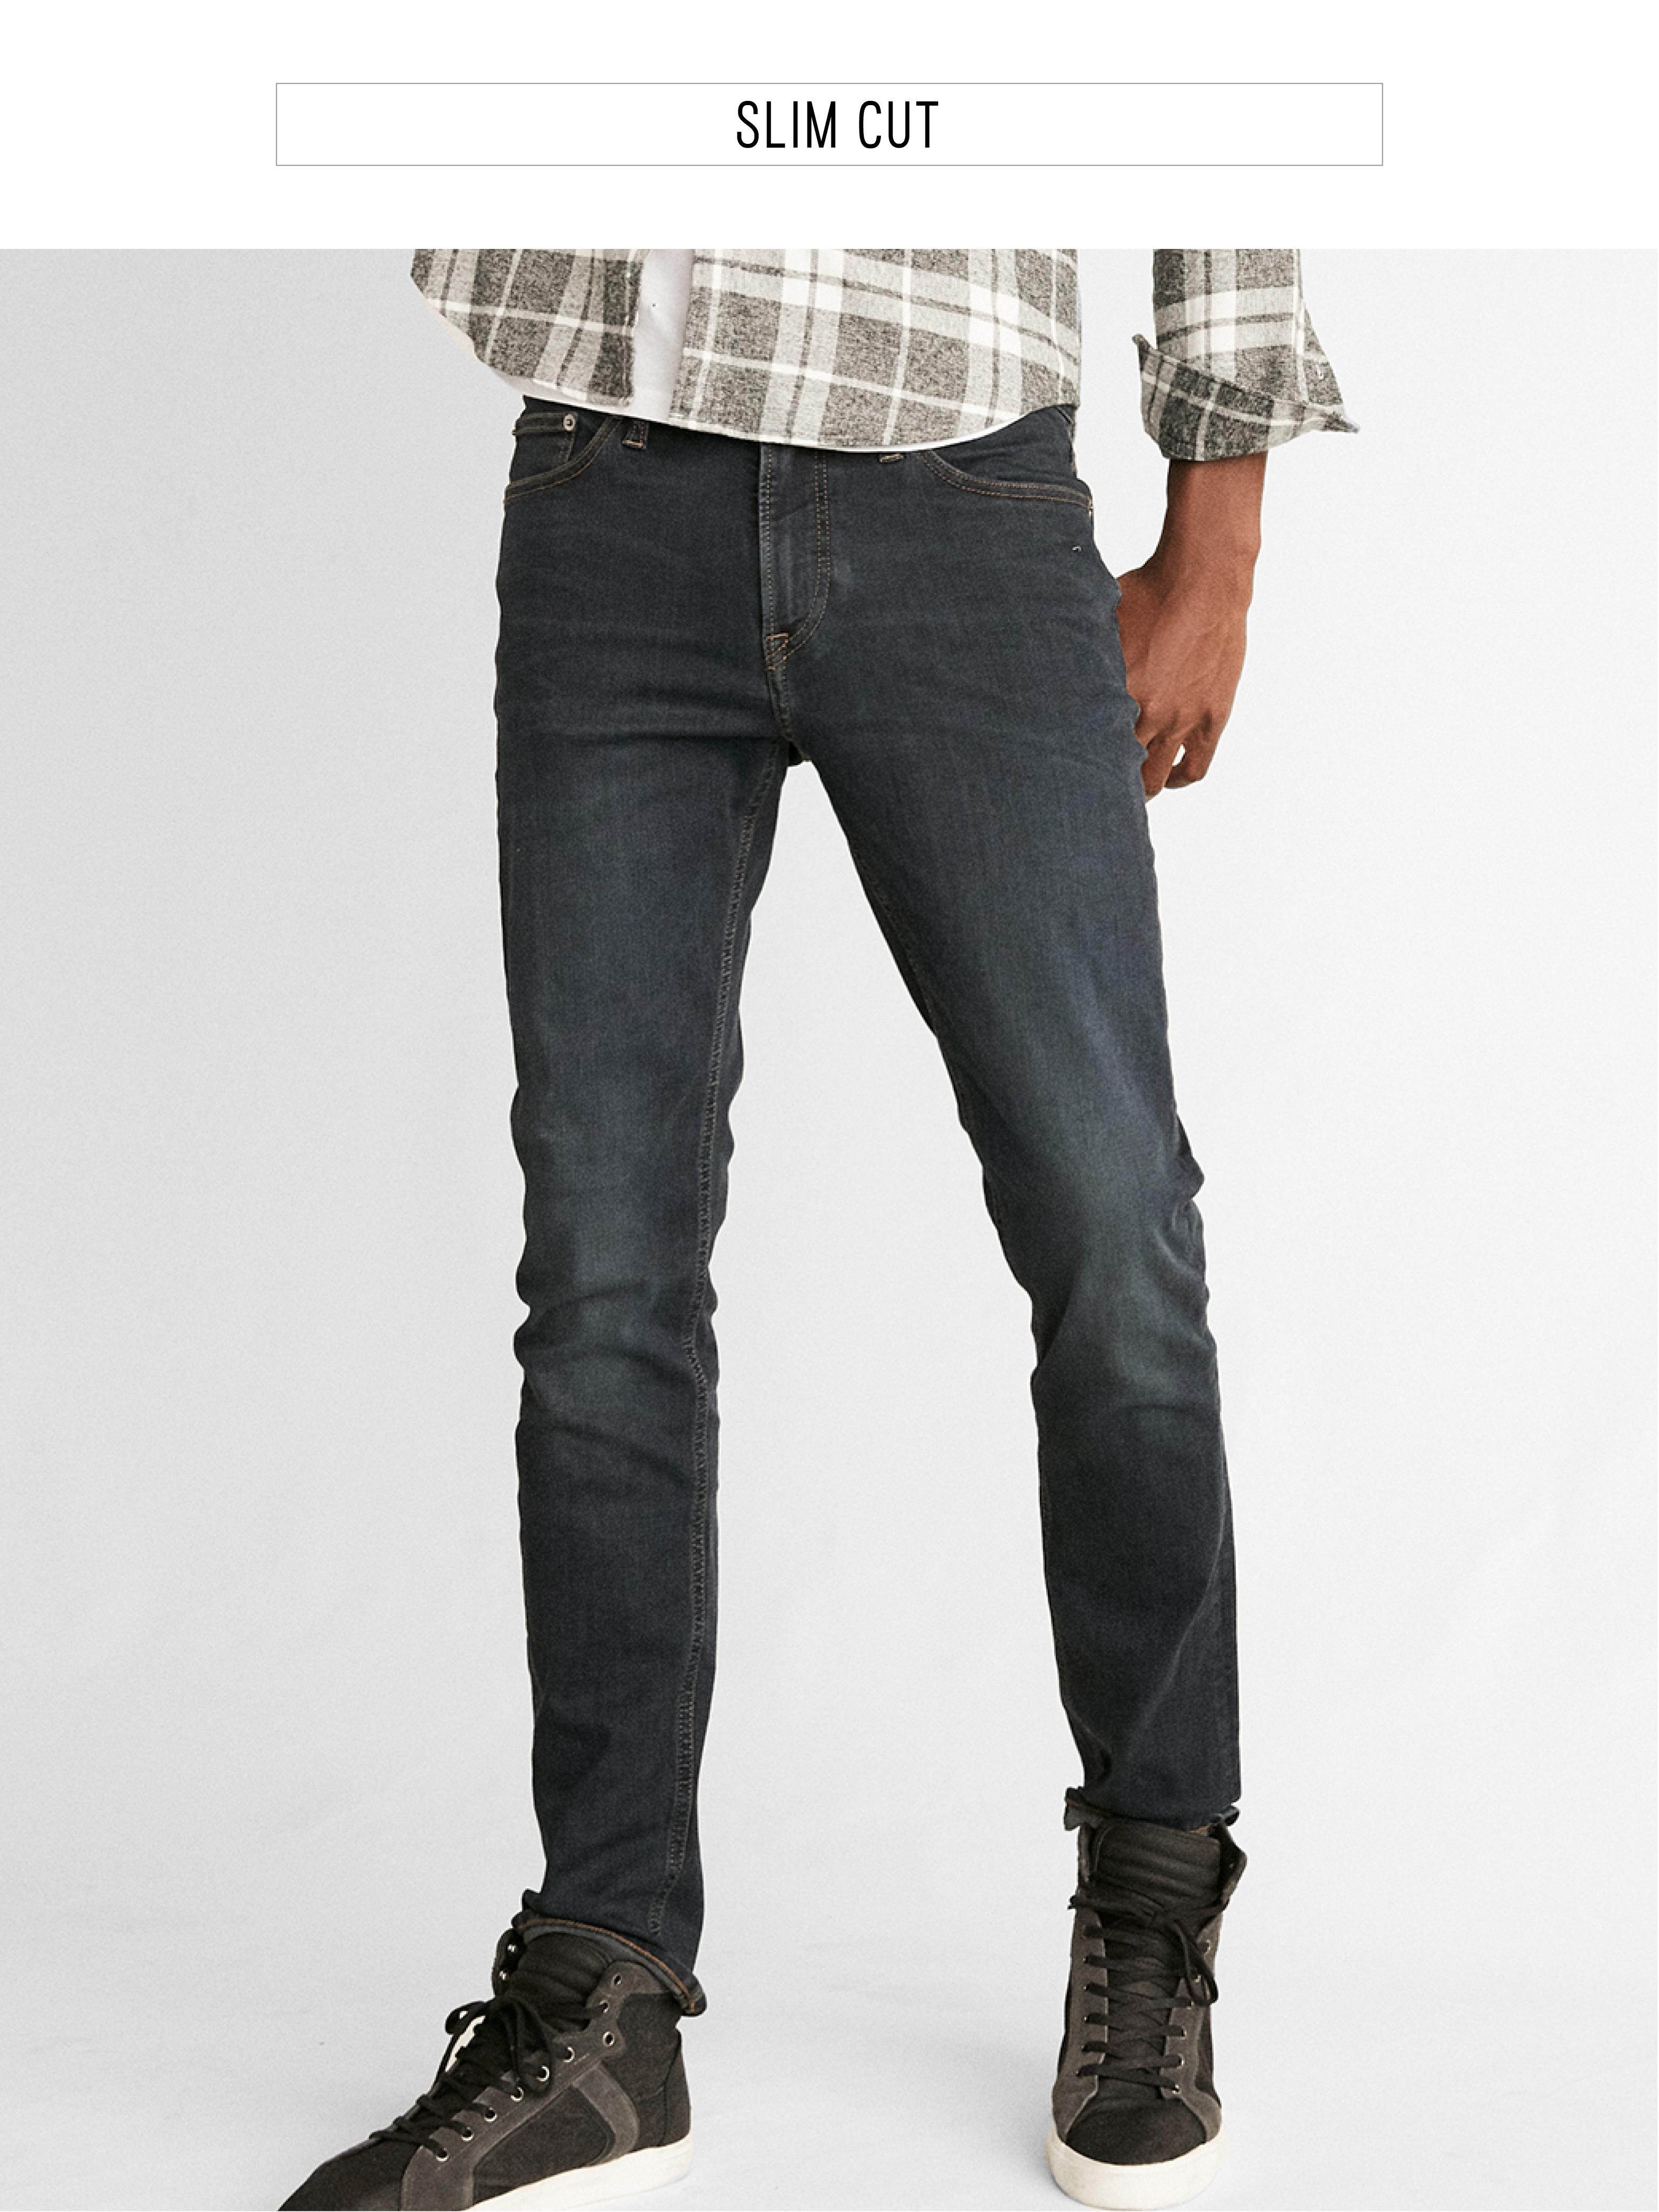 mens-slim-cut-jeans